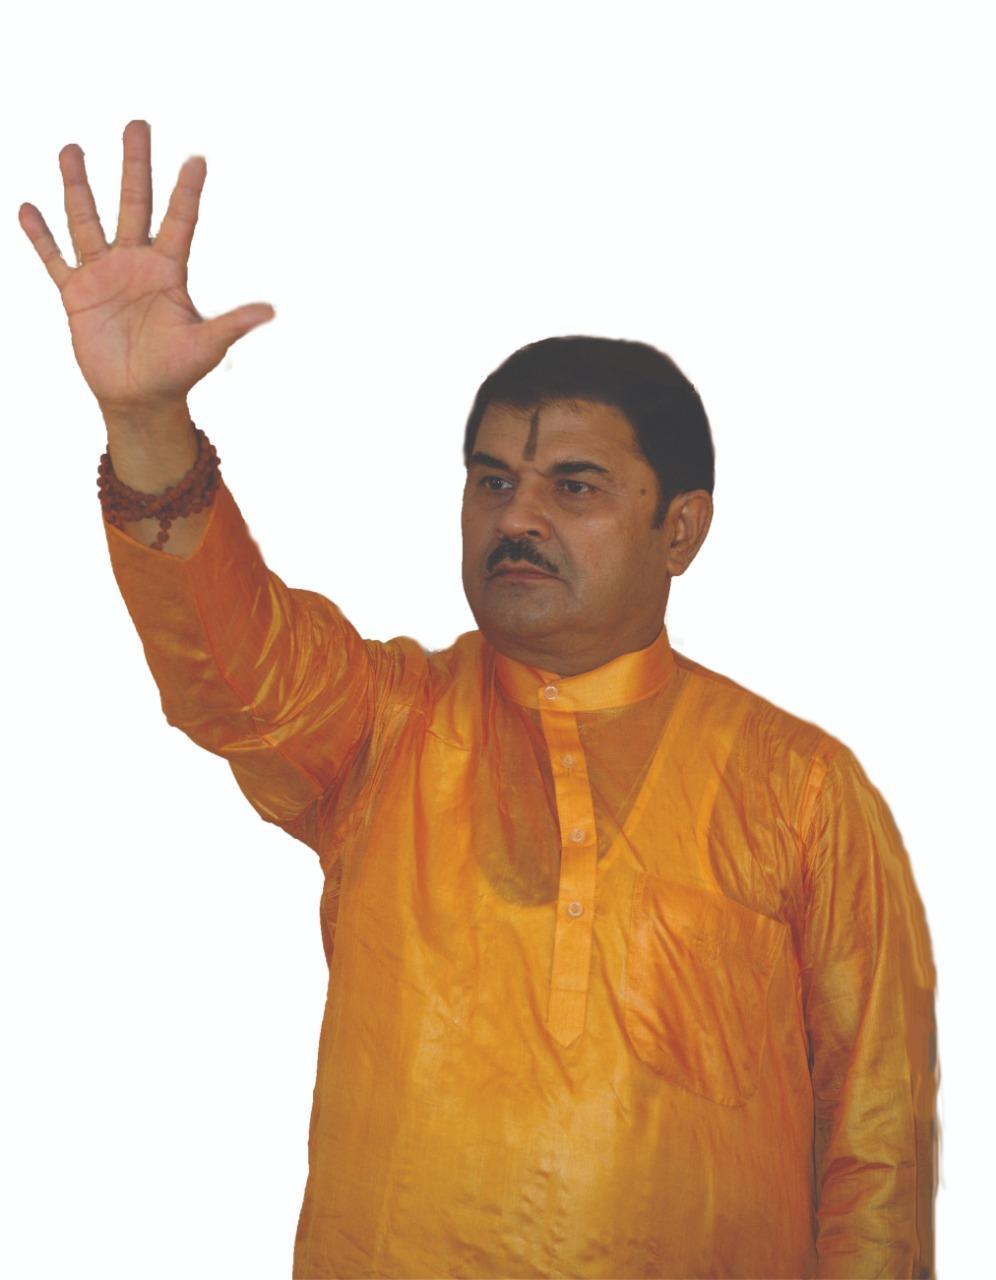 देश के पहले निर्दलीय उम्मीदवार बने आरके शर्मा जो अपने घोषणा पत्र पर लड़ रहे हैं पाटलिपुत्र लोकसभा क्षेत्र से चुनाव